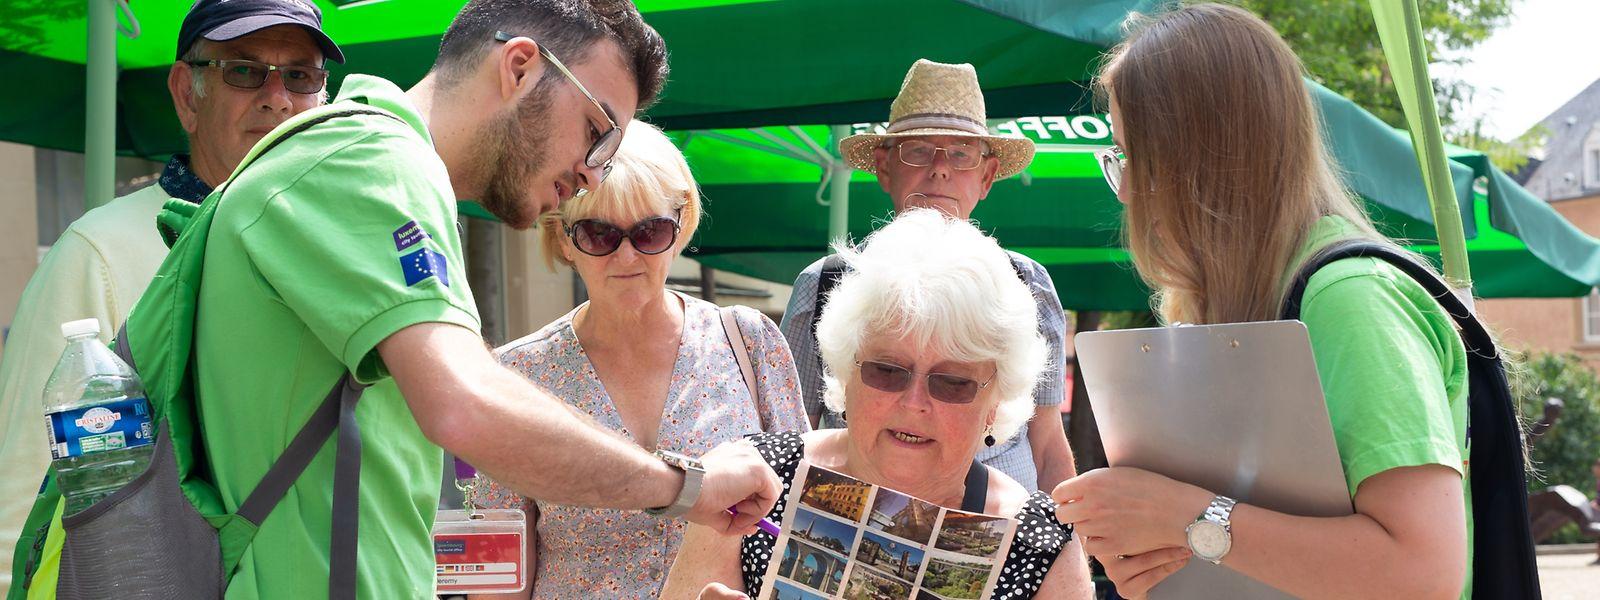 Zwei von insgesamt 18 Studenten beraten Touristen aus Nordengland.